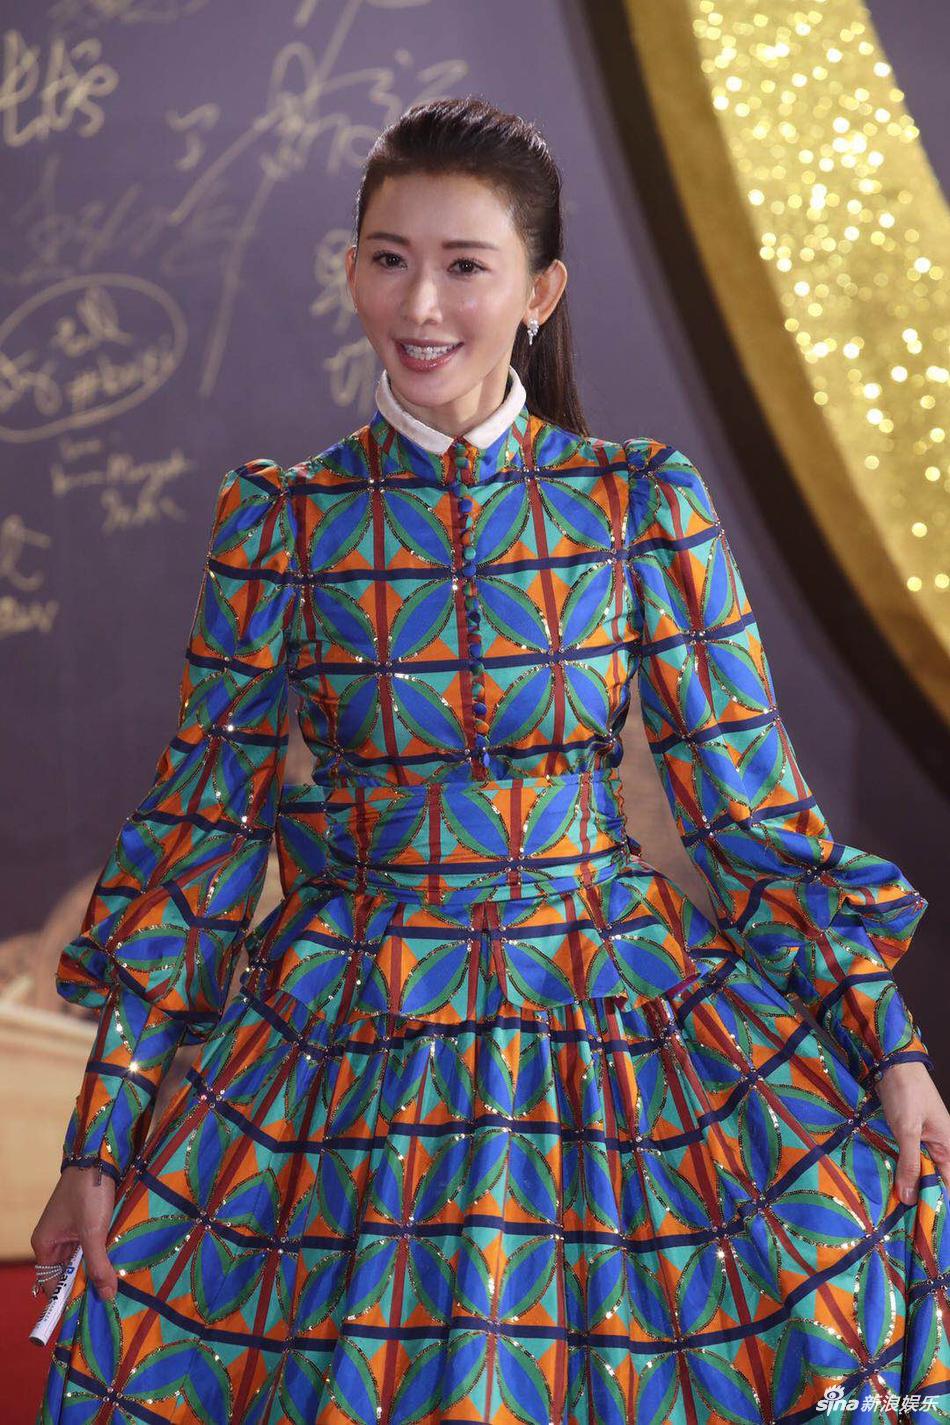 林志玲百花奖礼服怎么了 网友:这是林志玲穿衣最错的一次 娱乐 热图4